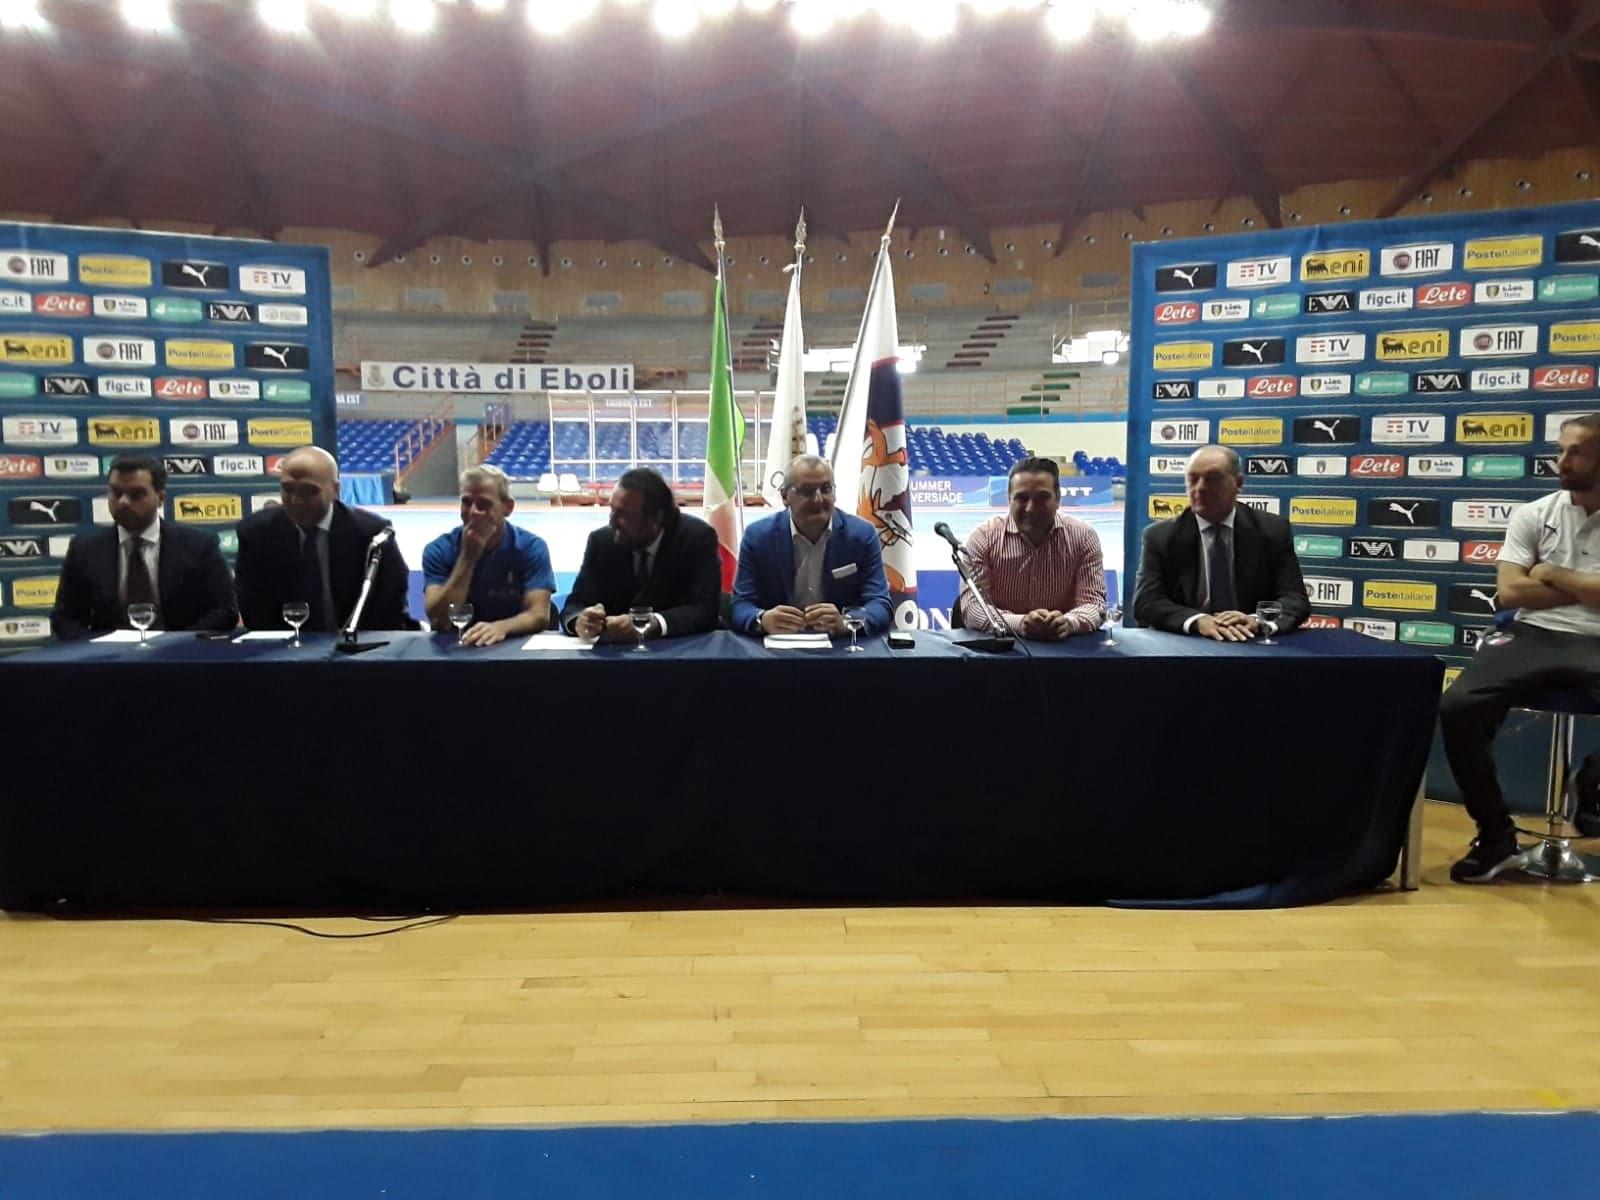 Eboli, Nazionale Italiana Futsal: main round di qualificazione al mondiale